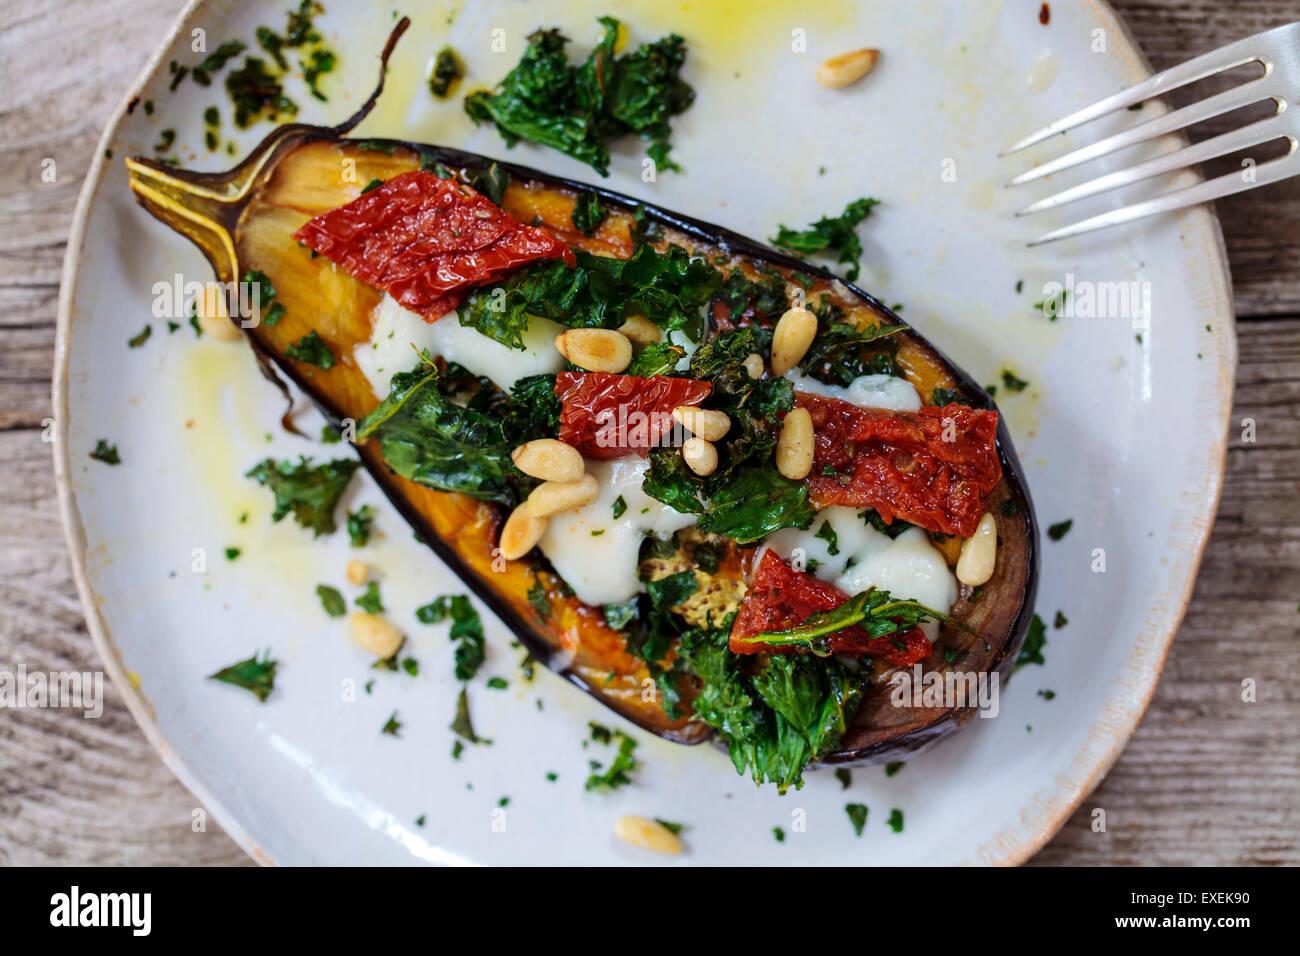 Aubergine au fromage de chèvre rôti, croustillant de choux, tomates séchées et noix de pin Photo Stock